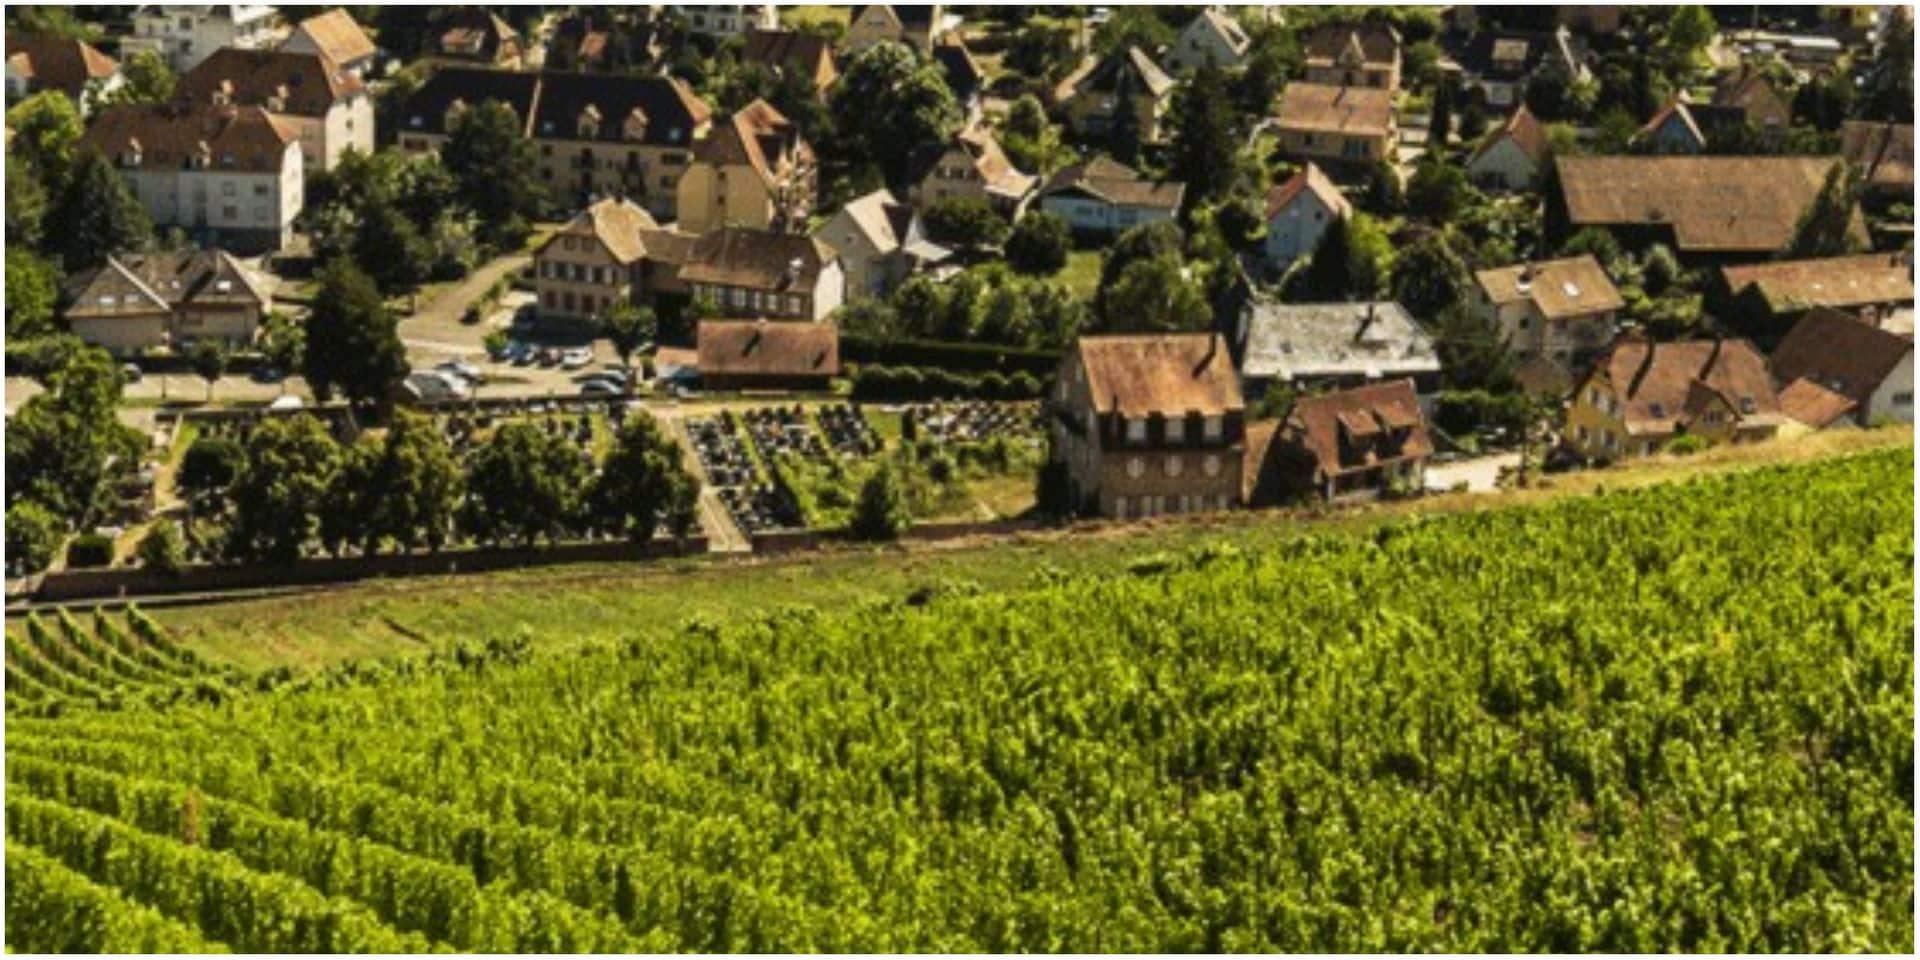 Quand le vin est tiré: la plus grande cave familiale de l'Hexagone